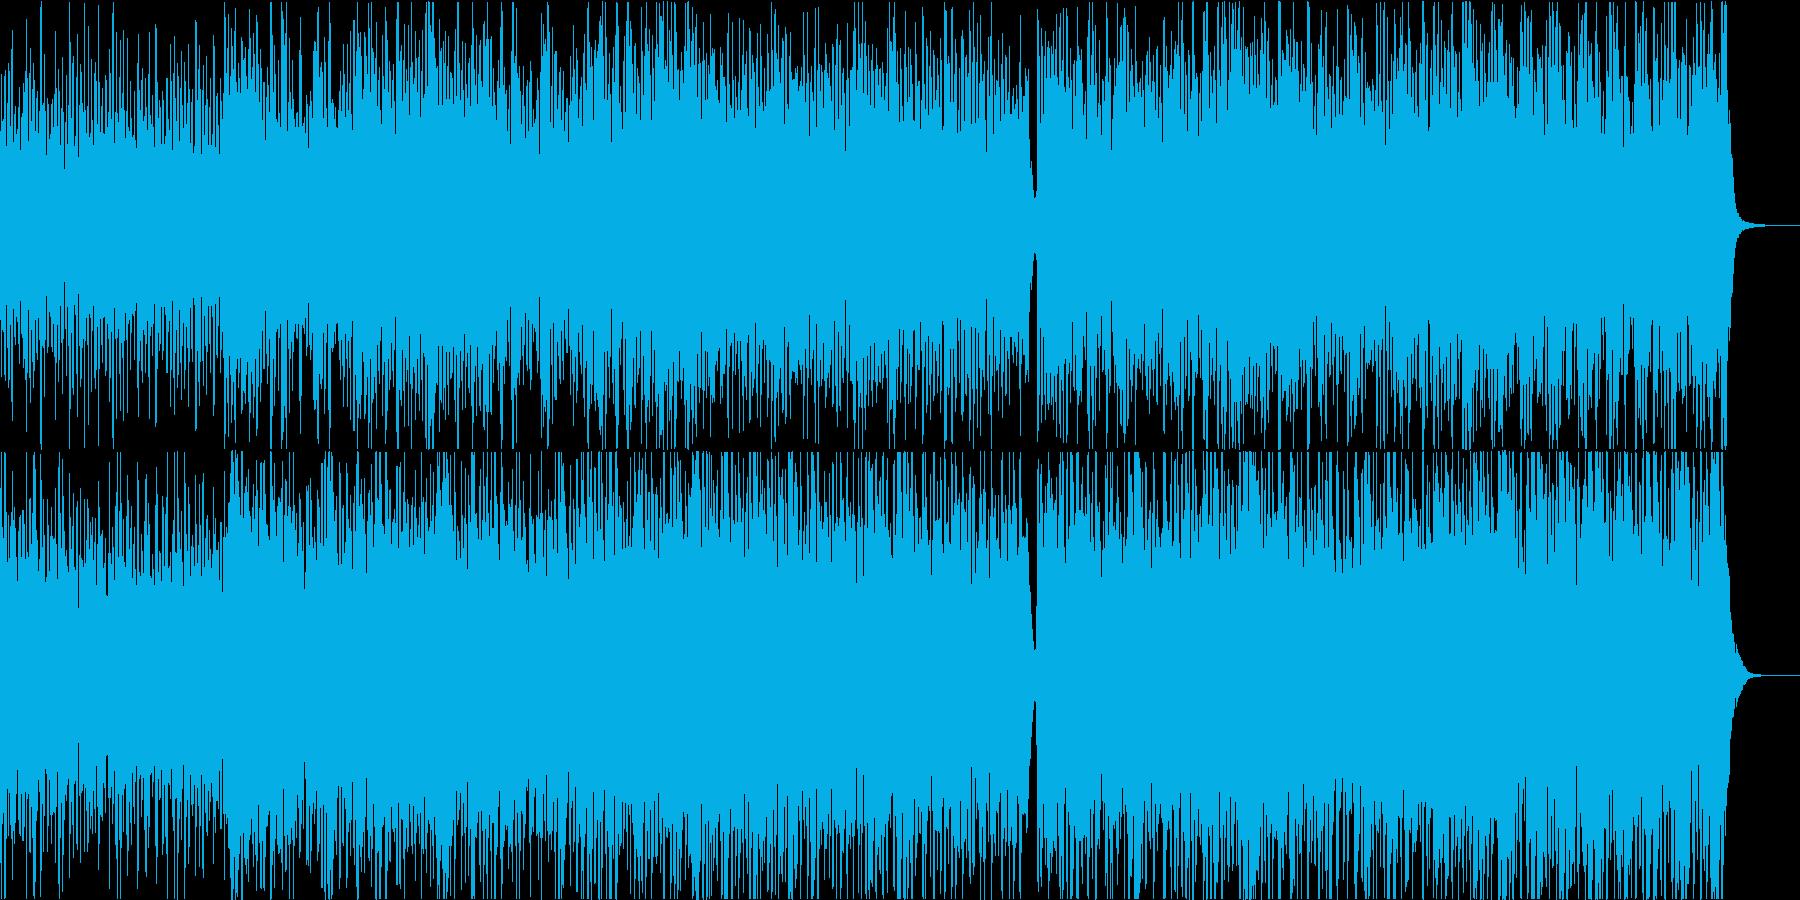 【リズム抜き】力強い弦楽器。CMやドキュの再生済みの波形